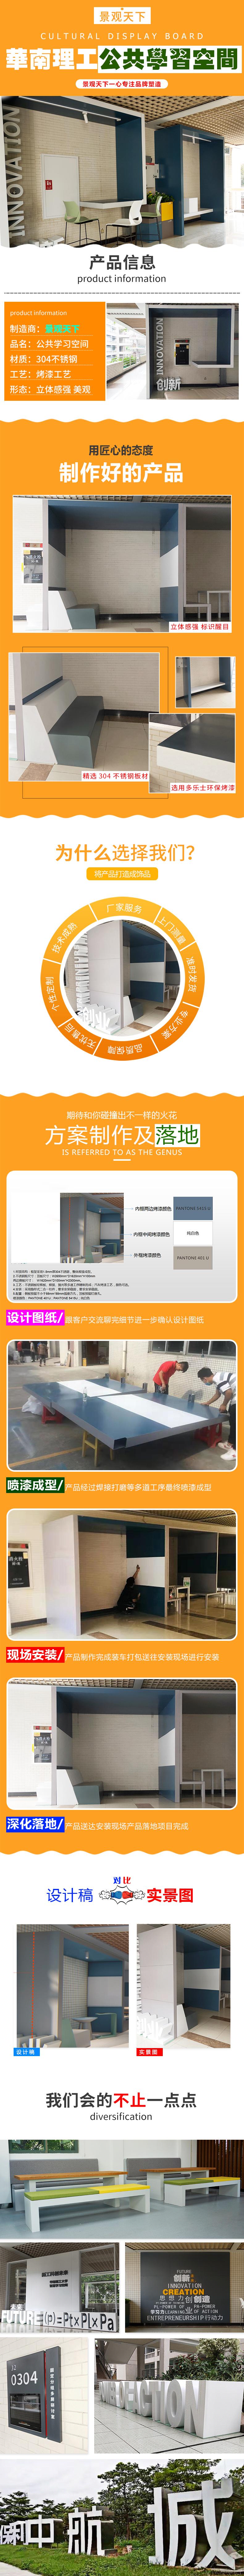 华南理工大学公共学习空间